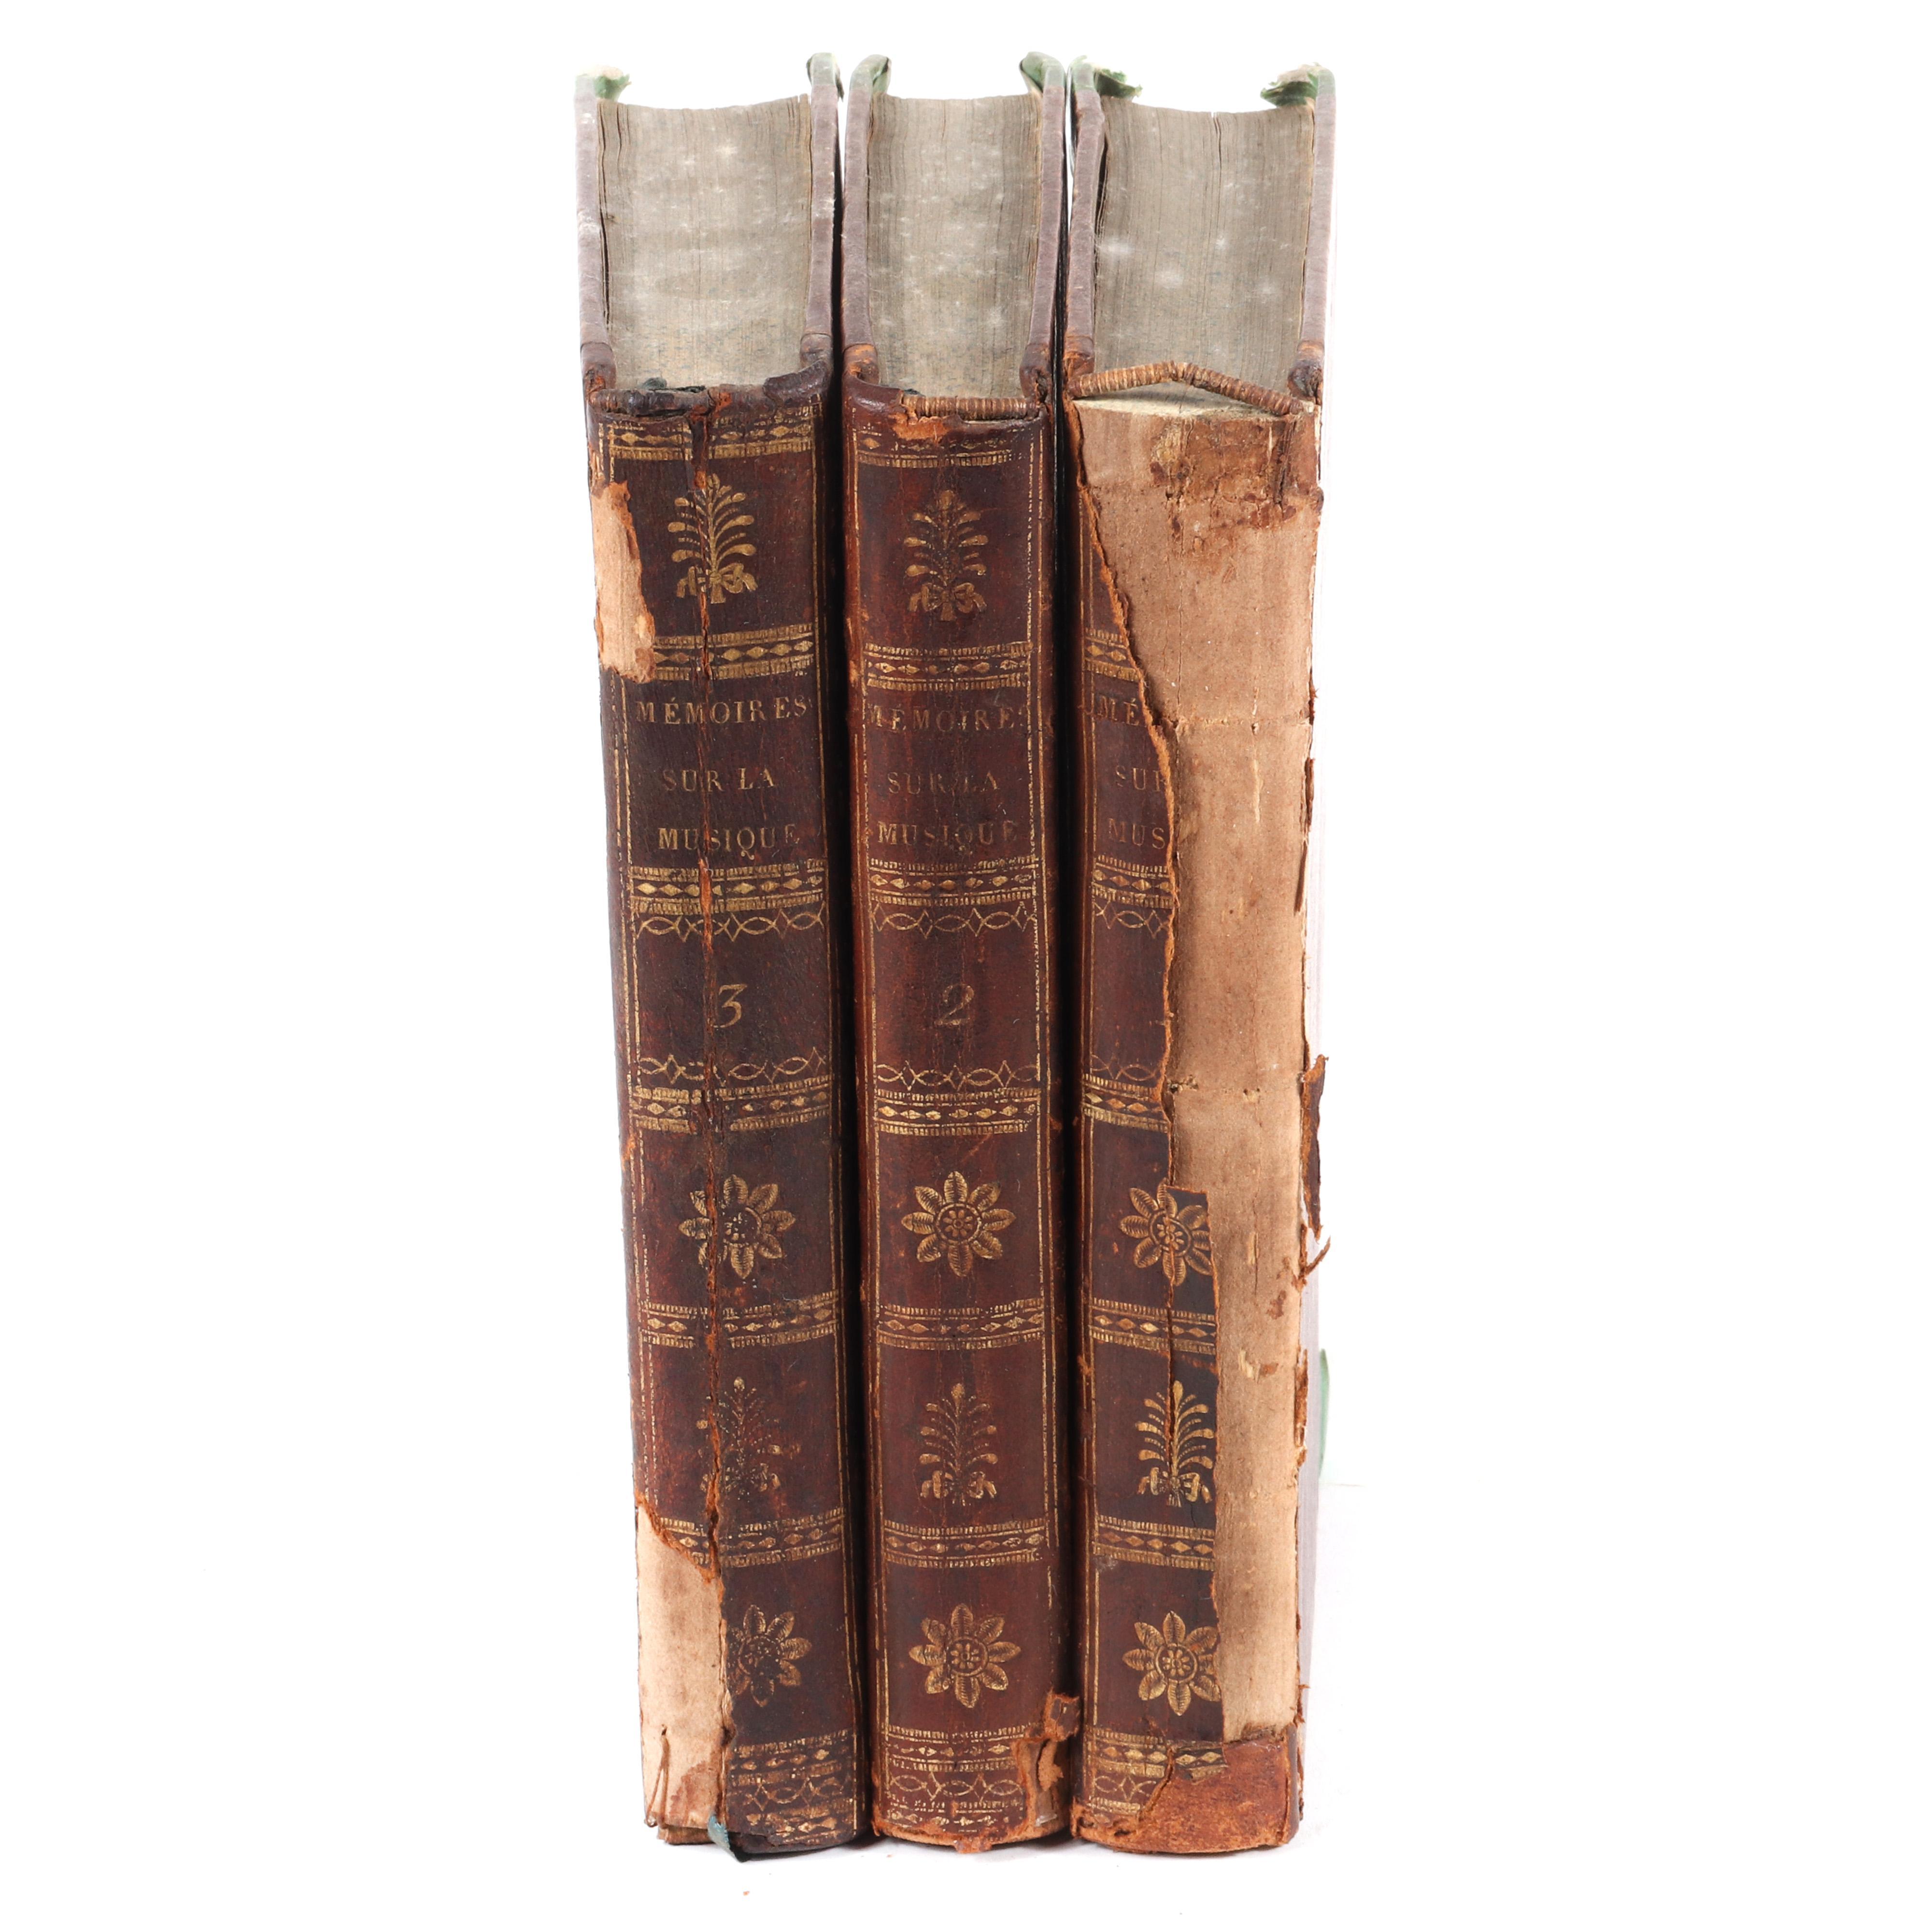 """Three Volumes: Mémoires ou Essais sur la Musique. Tome Premier, Duxieme, Troisieme. Par le C. en. Grétry. Published by de l'Imprimerie de la République, A Paris, 1797 1 1/4""""H x 5""""W x 8 1/4""""D (each)"""